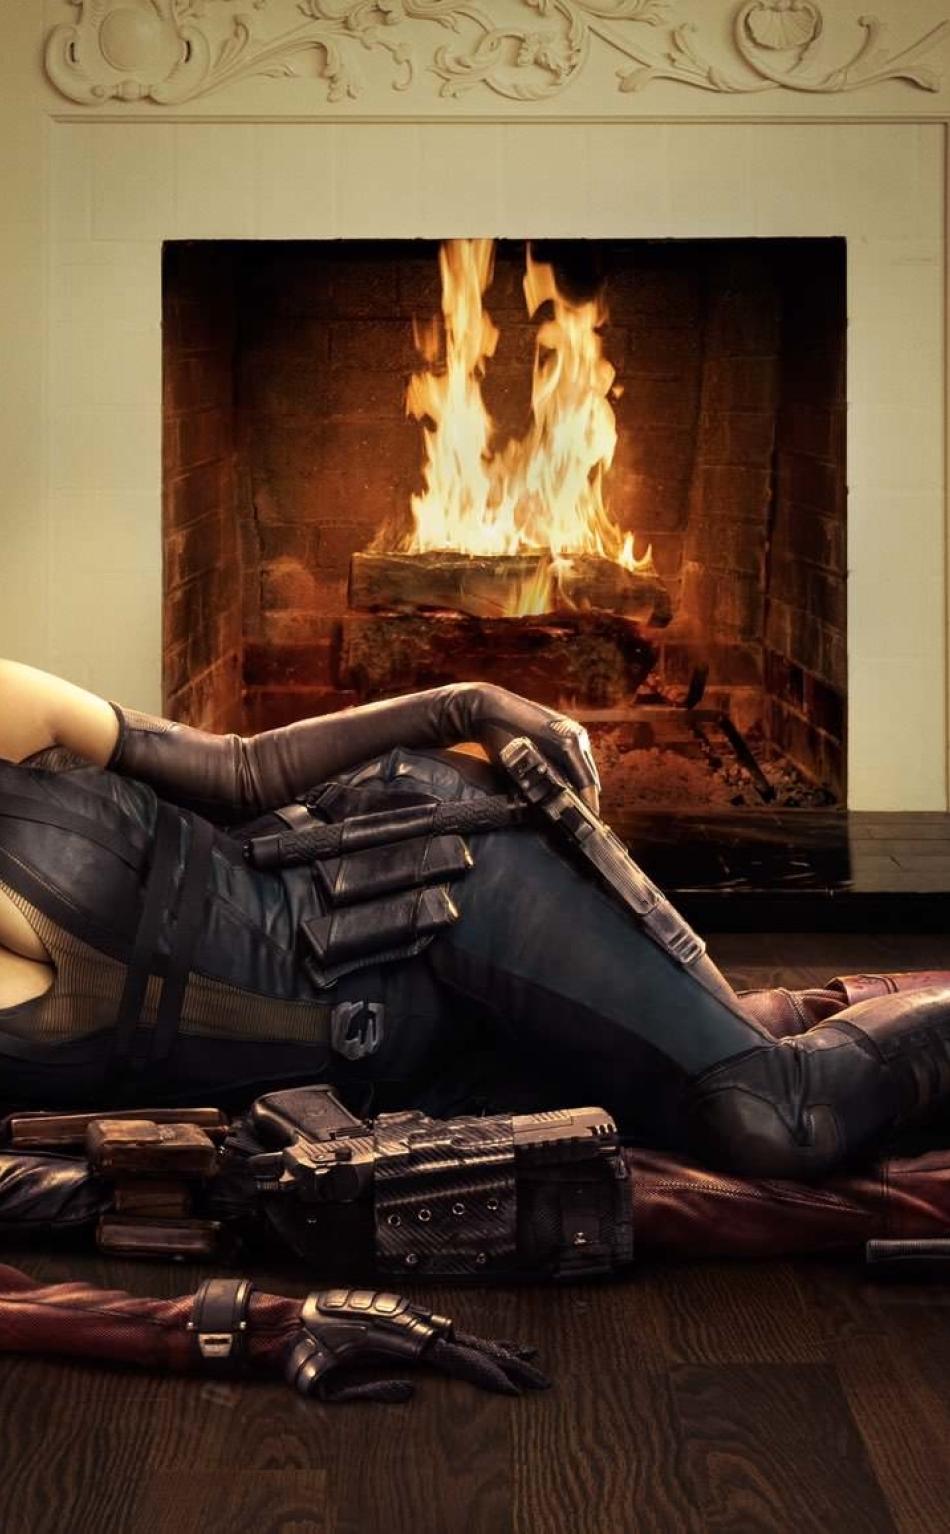 Zazie Beetz As Domino In Deadpool 2 Full Hd 2k Wallpaper